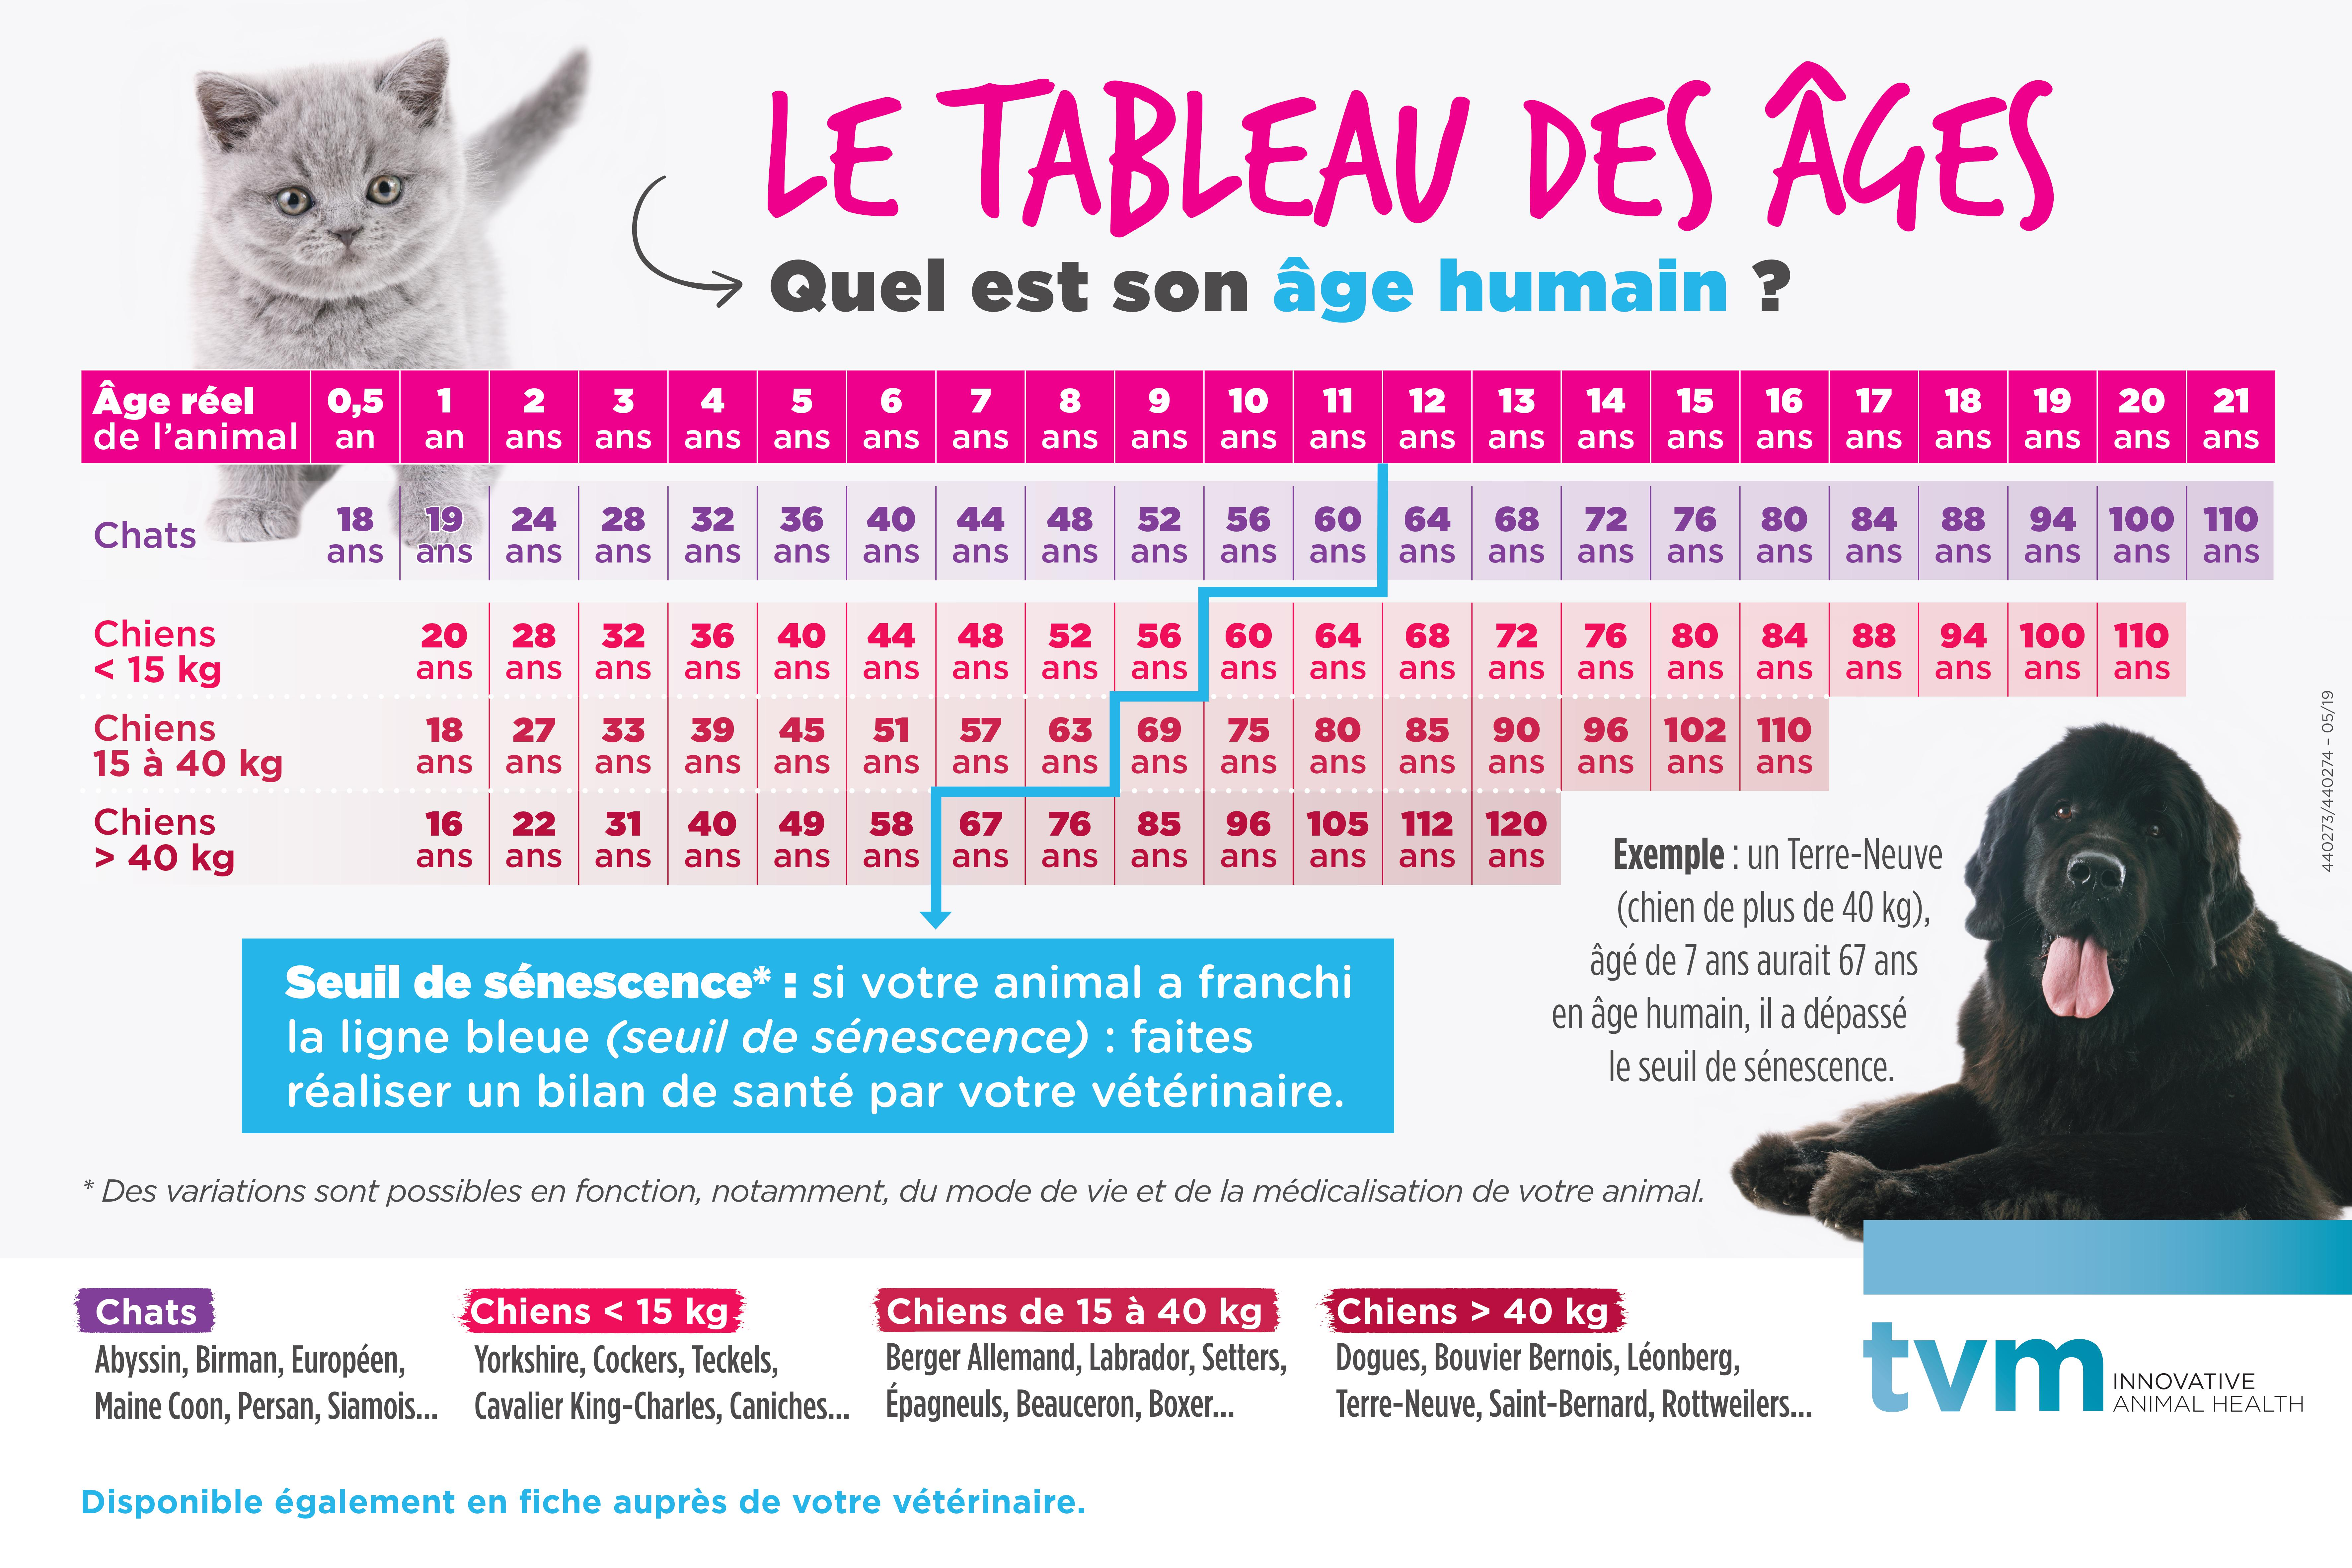 Poster Tableau Des Ages A L Unite Laboratoire Tvm